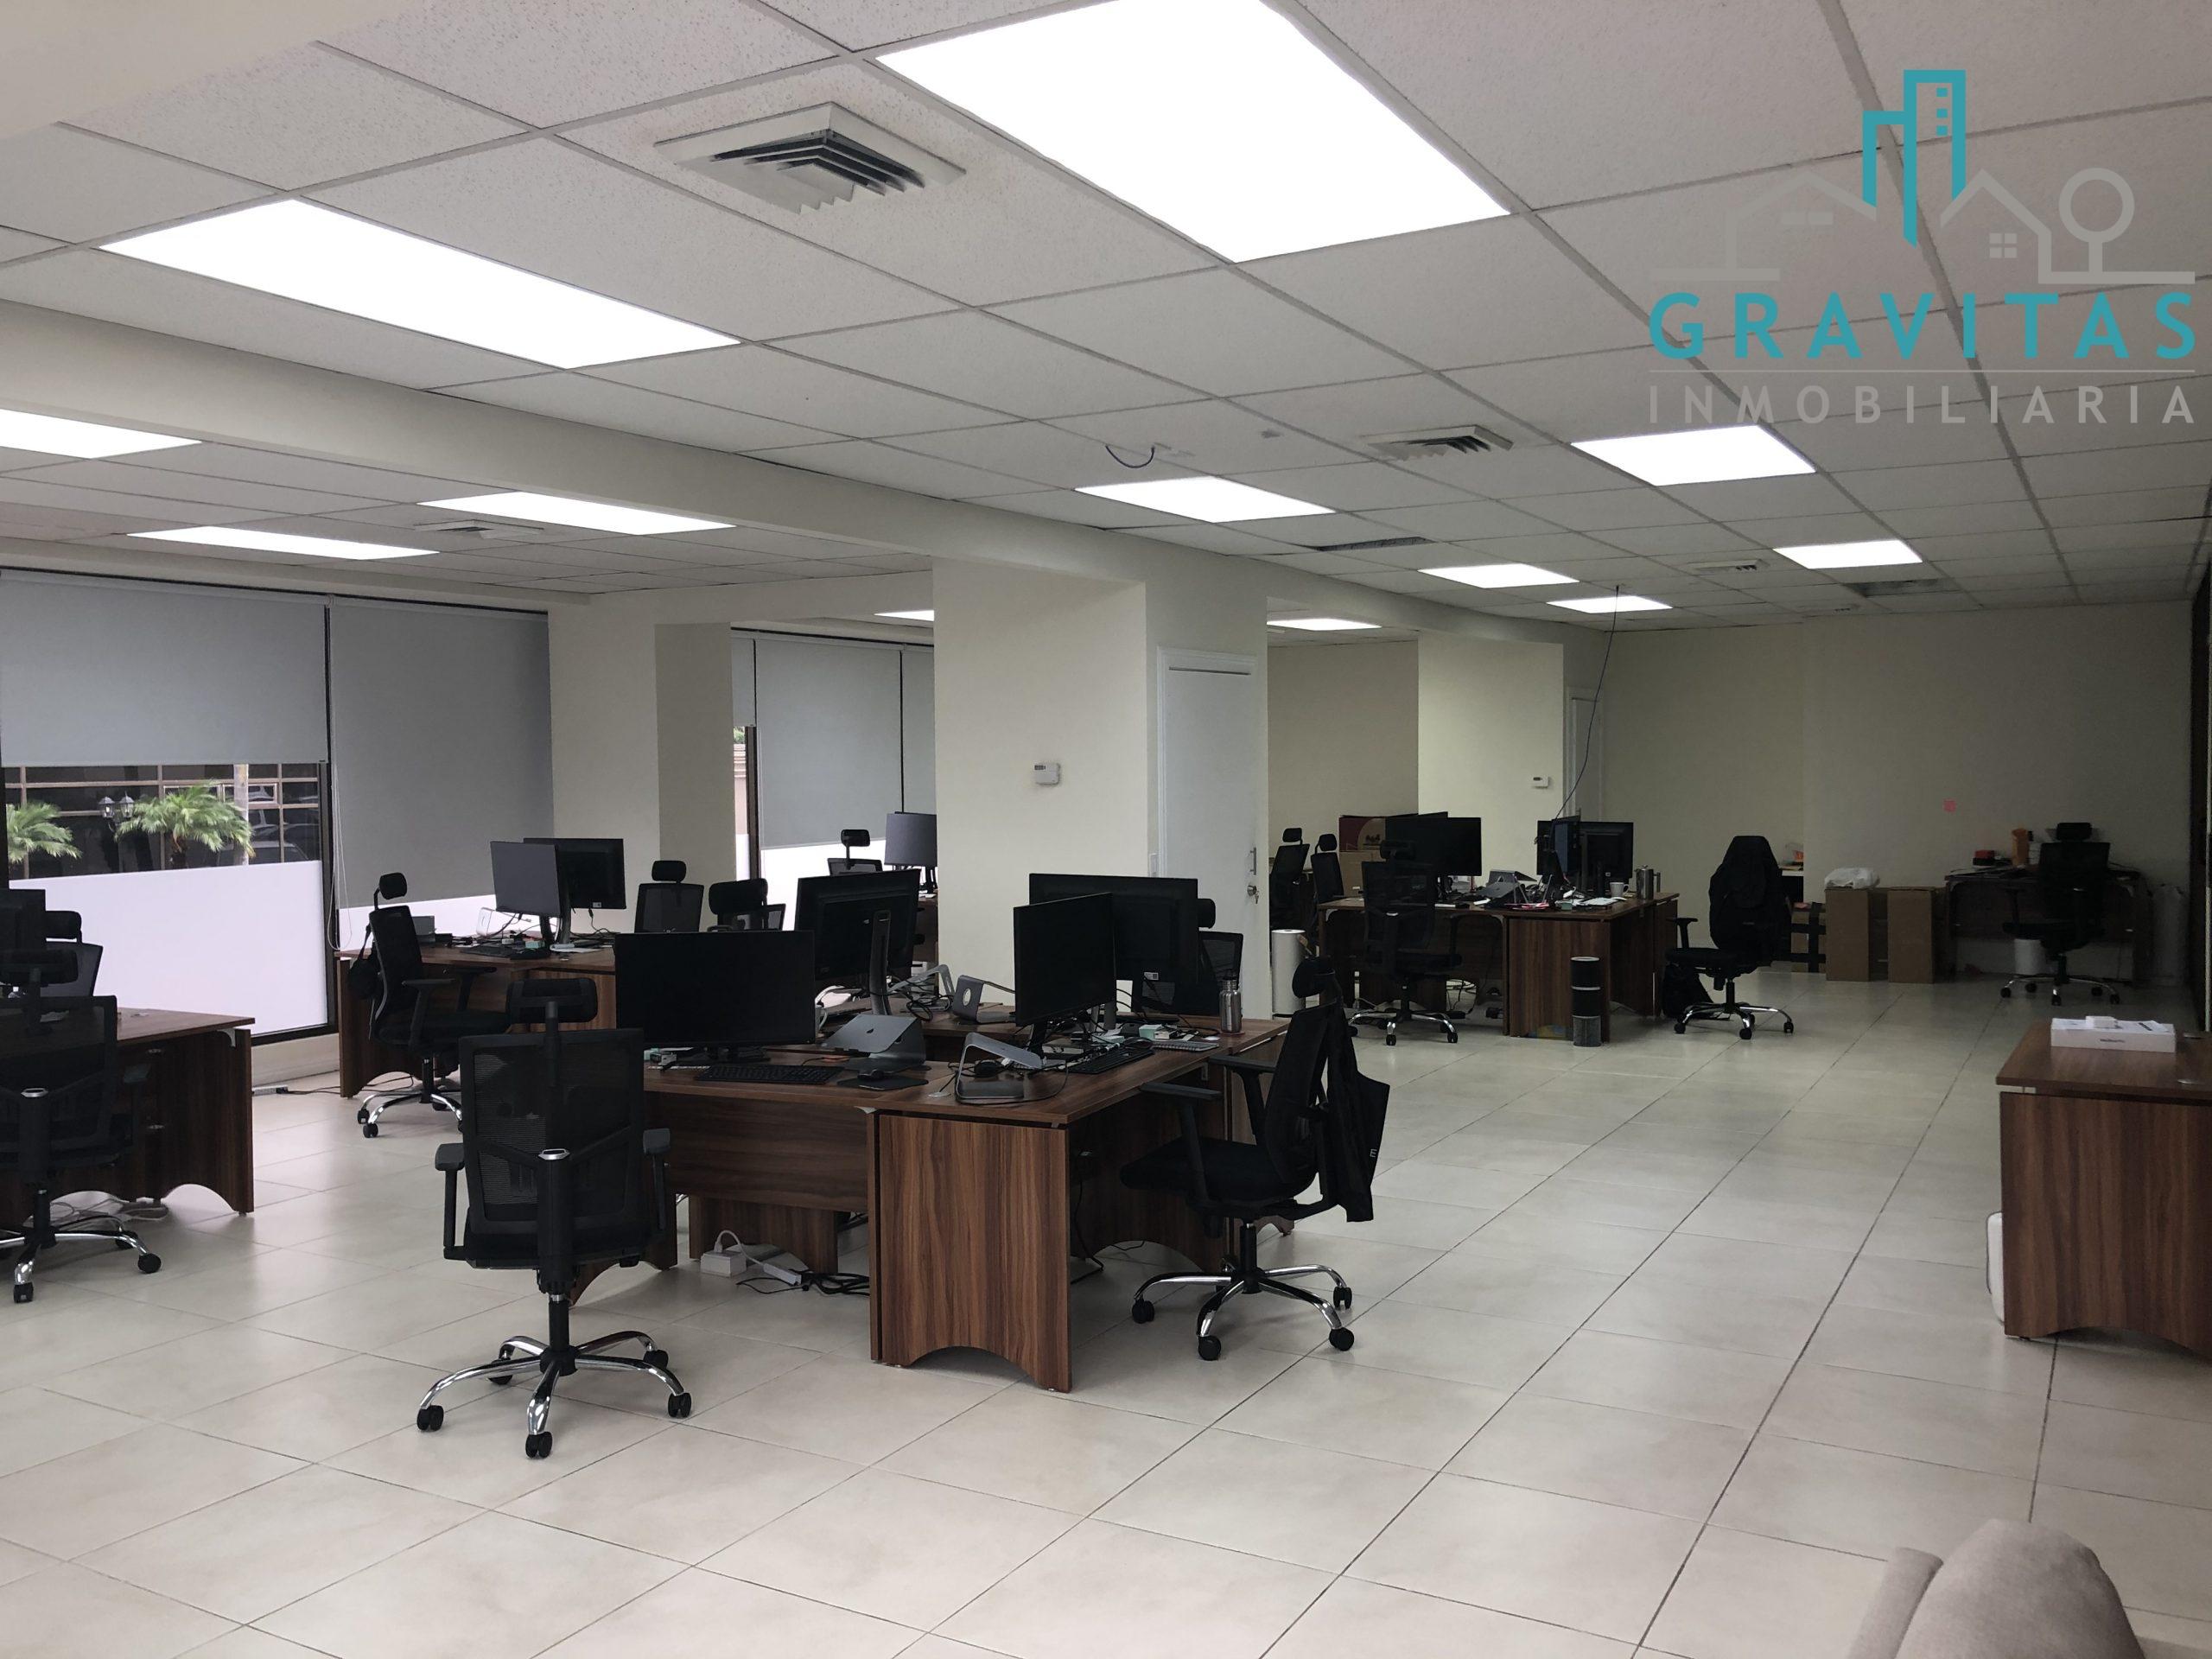 Oficinas Disponibles en Oficentro la Sabana ID-636